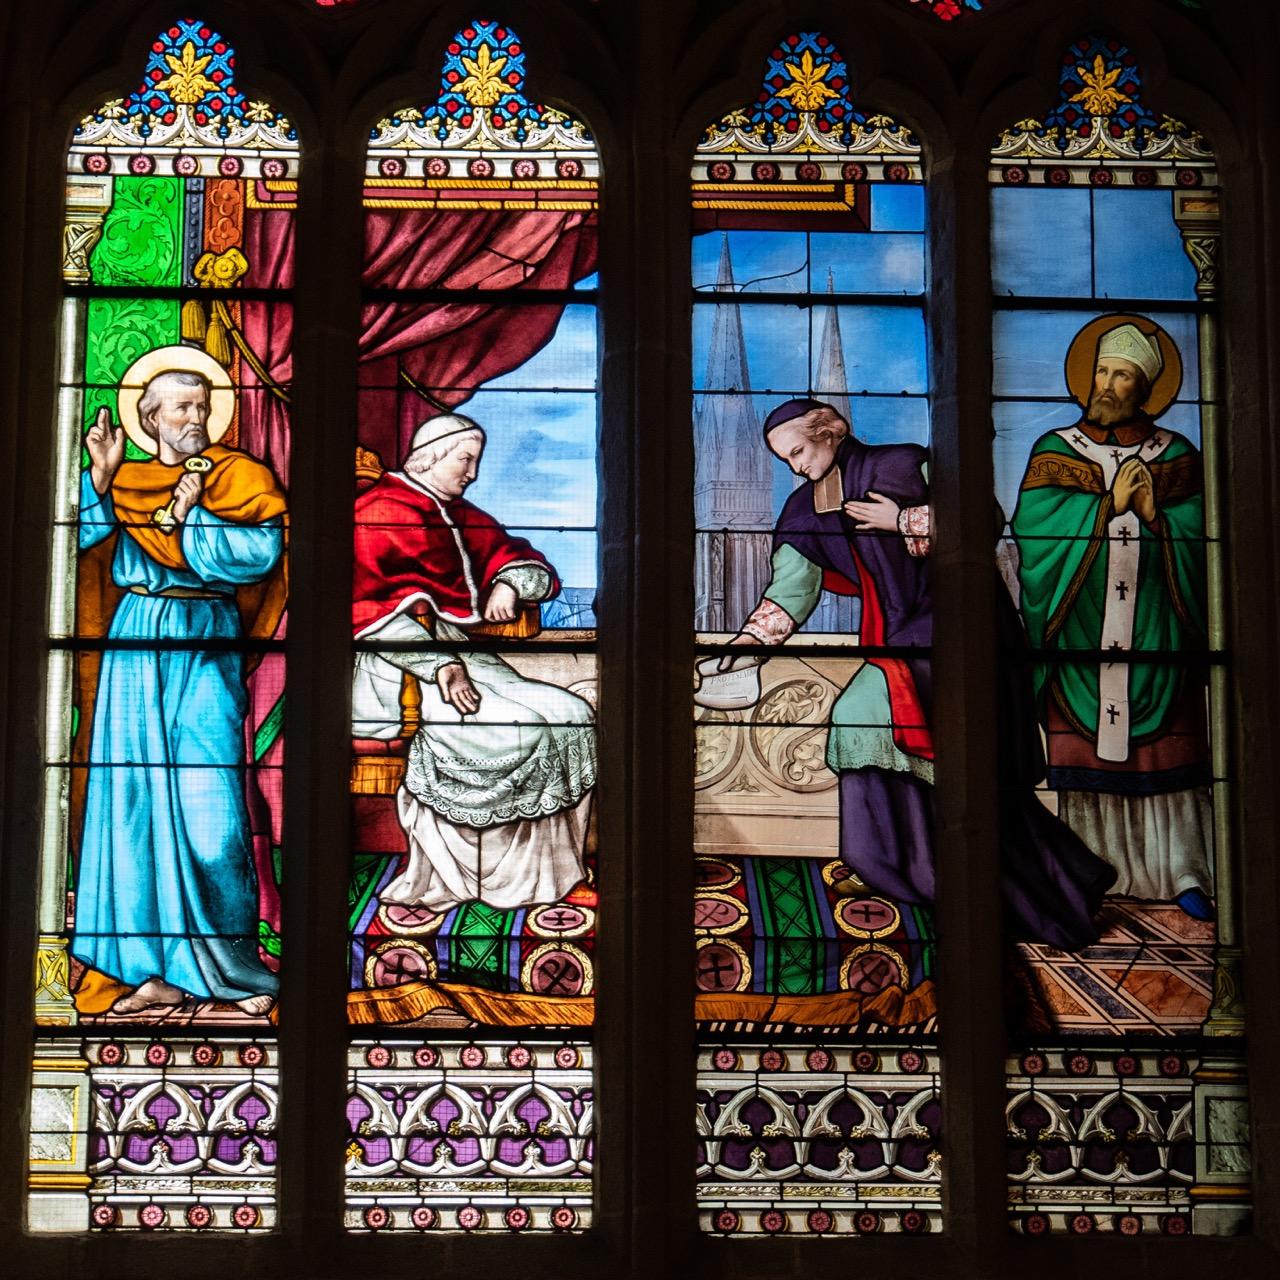 Buntglasfenster mit Abbildung von Mgr. Conan Saint Luc, der gegen die Zivilverfassung des Klerus protestiert (Hirsch, 1869)